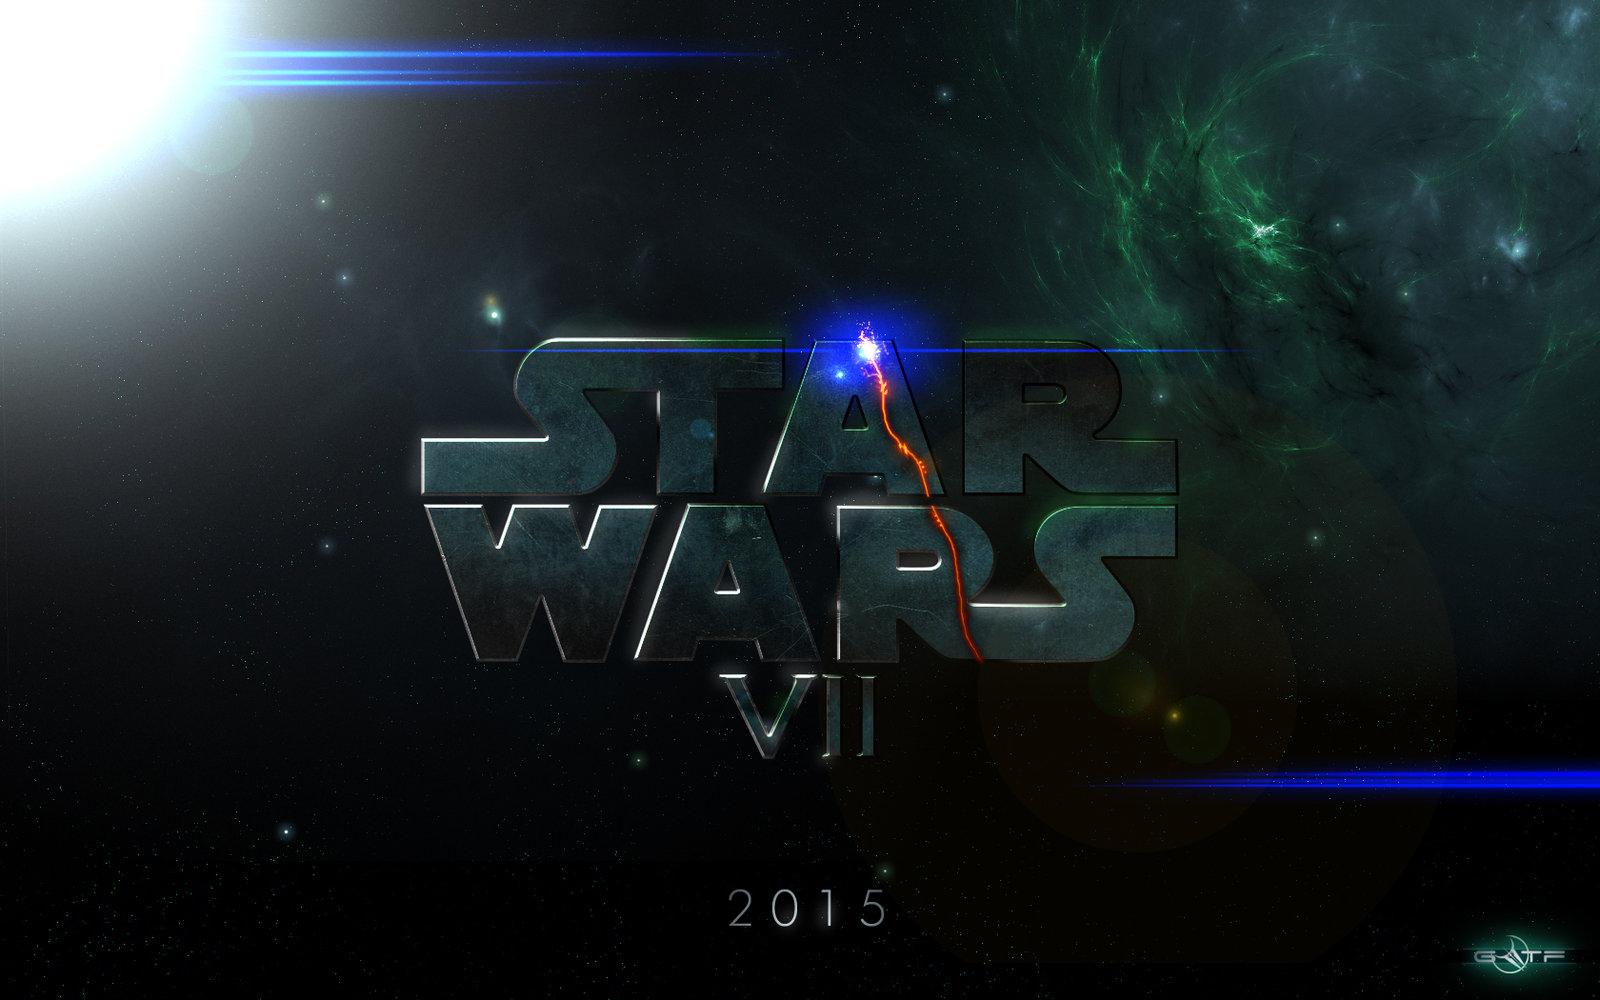 les noms des personnages de star wars 7 devoiles en images 3476html 1600x1000